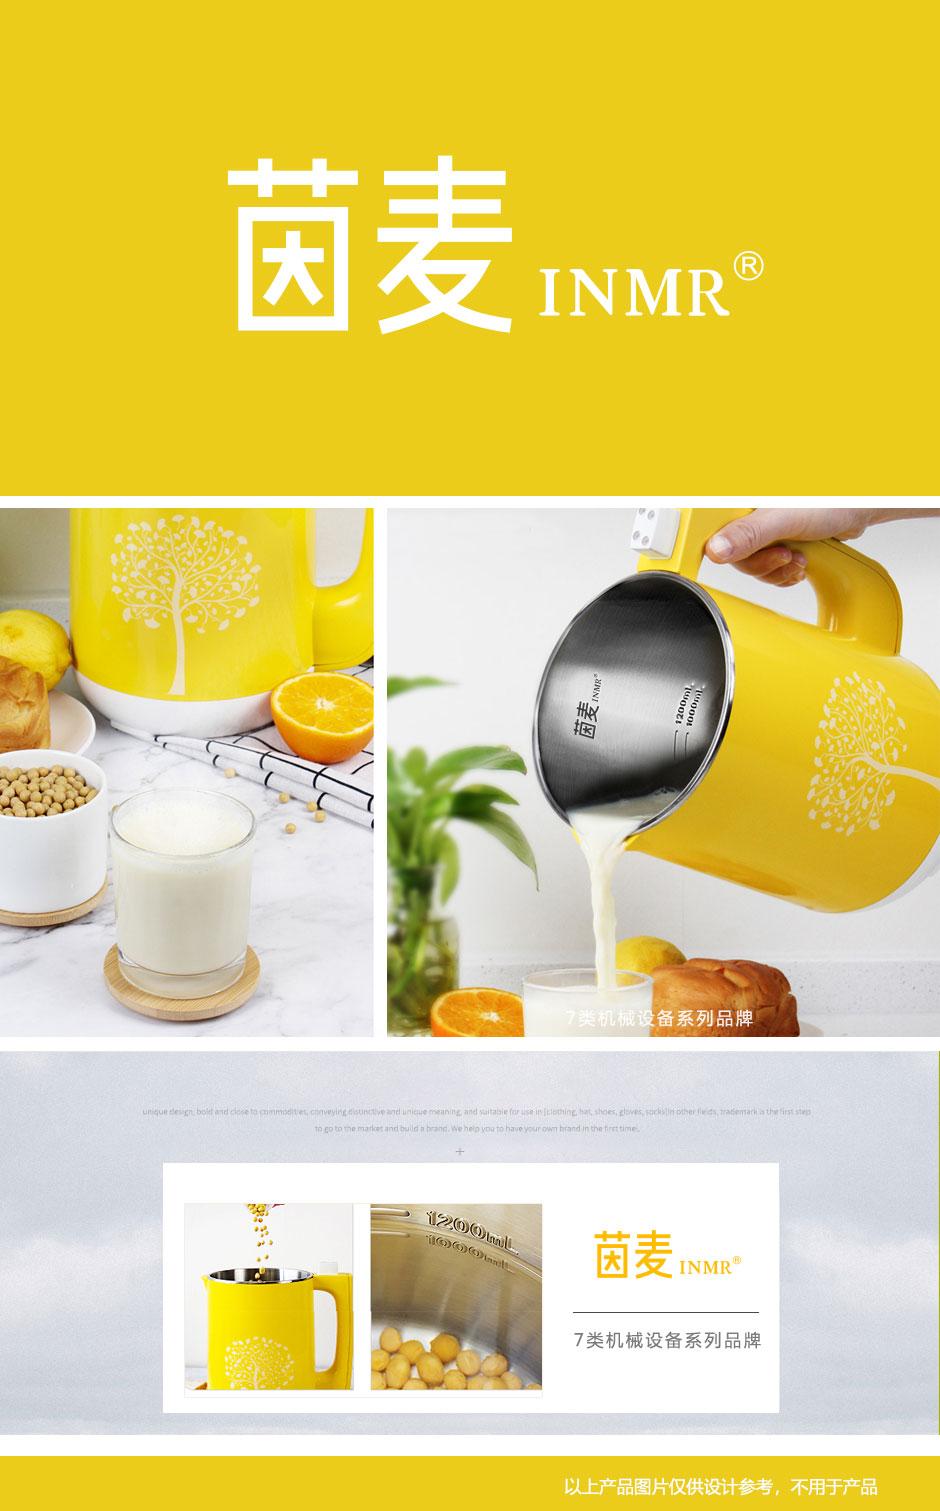 第7类-茵麦 INMR